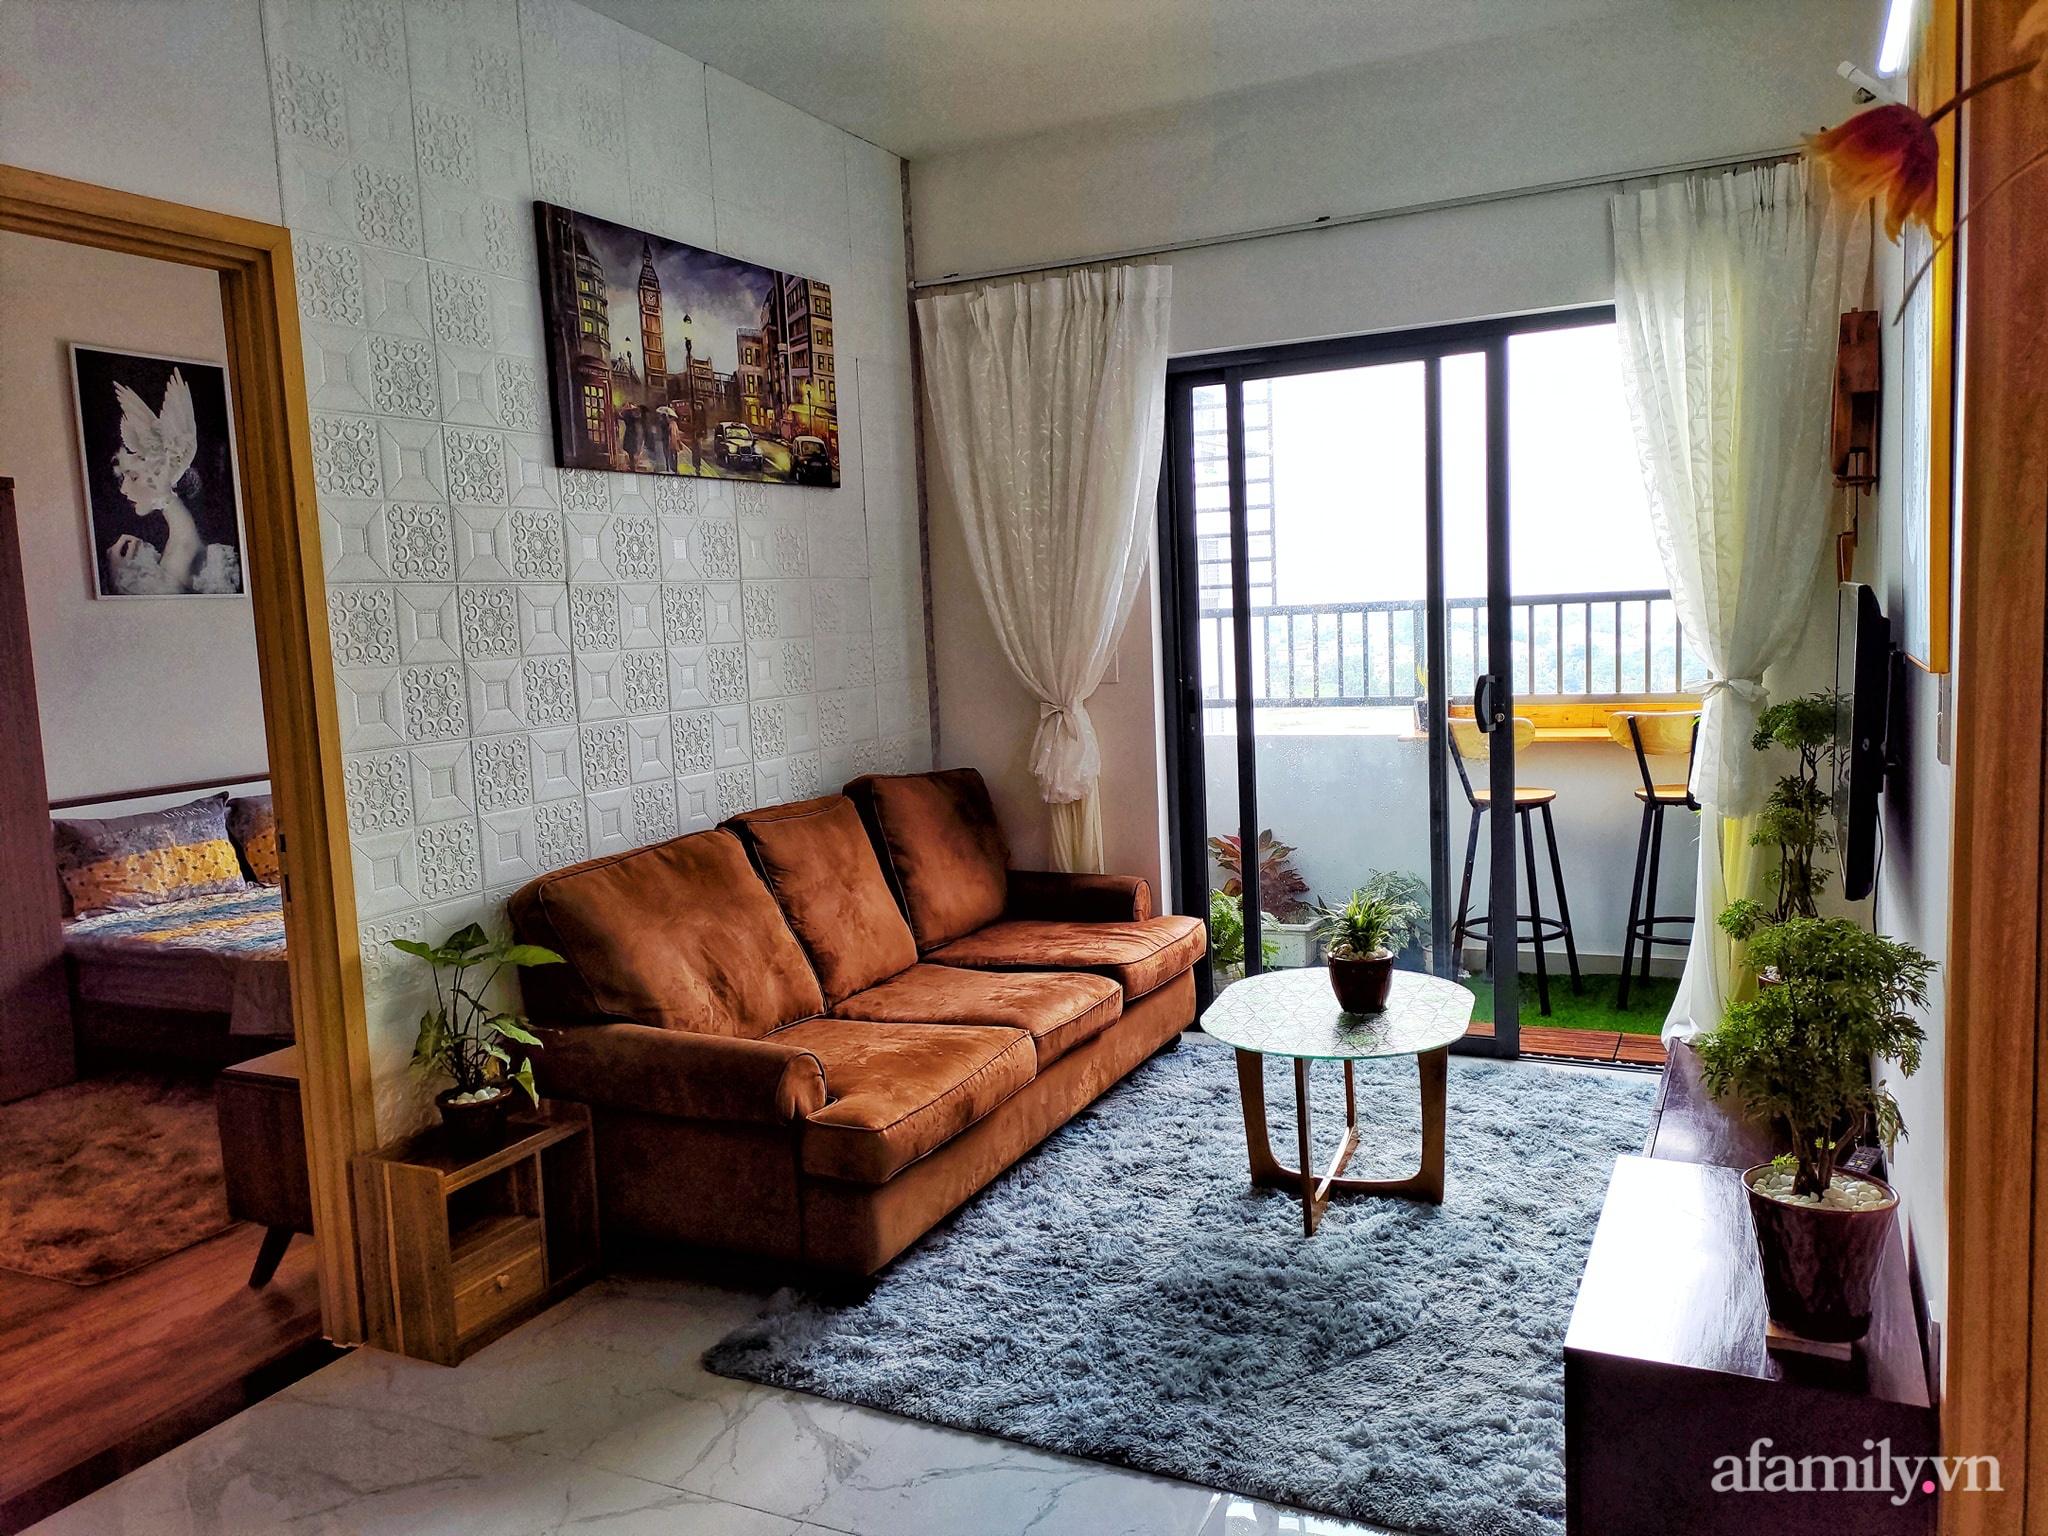 Căn hộ 70m² xanh tươi và ngập tràn ánh sáng với tổng chi phí đầu tư chỉ 46 triệu đồng của chàng trai độc thân ở Sài Gòn - Ảnh 14.